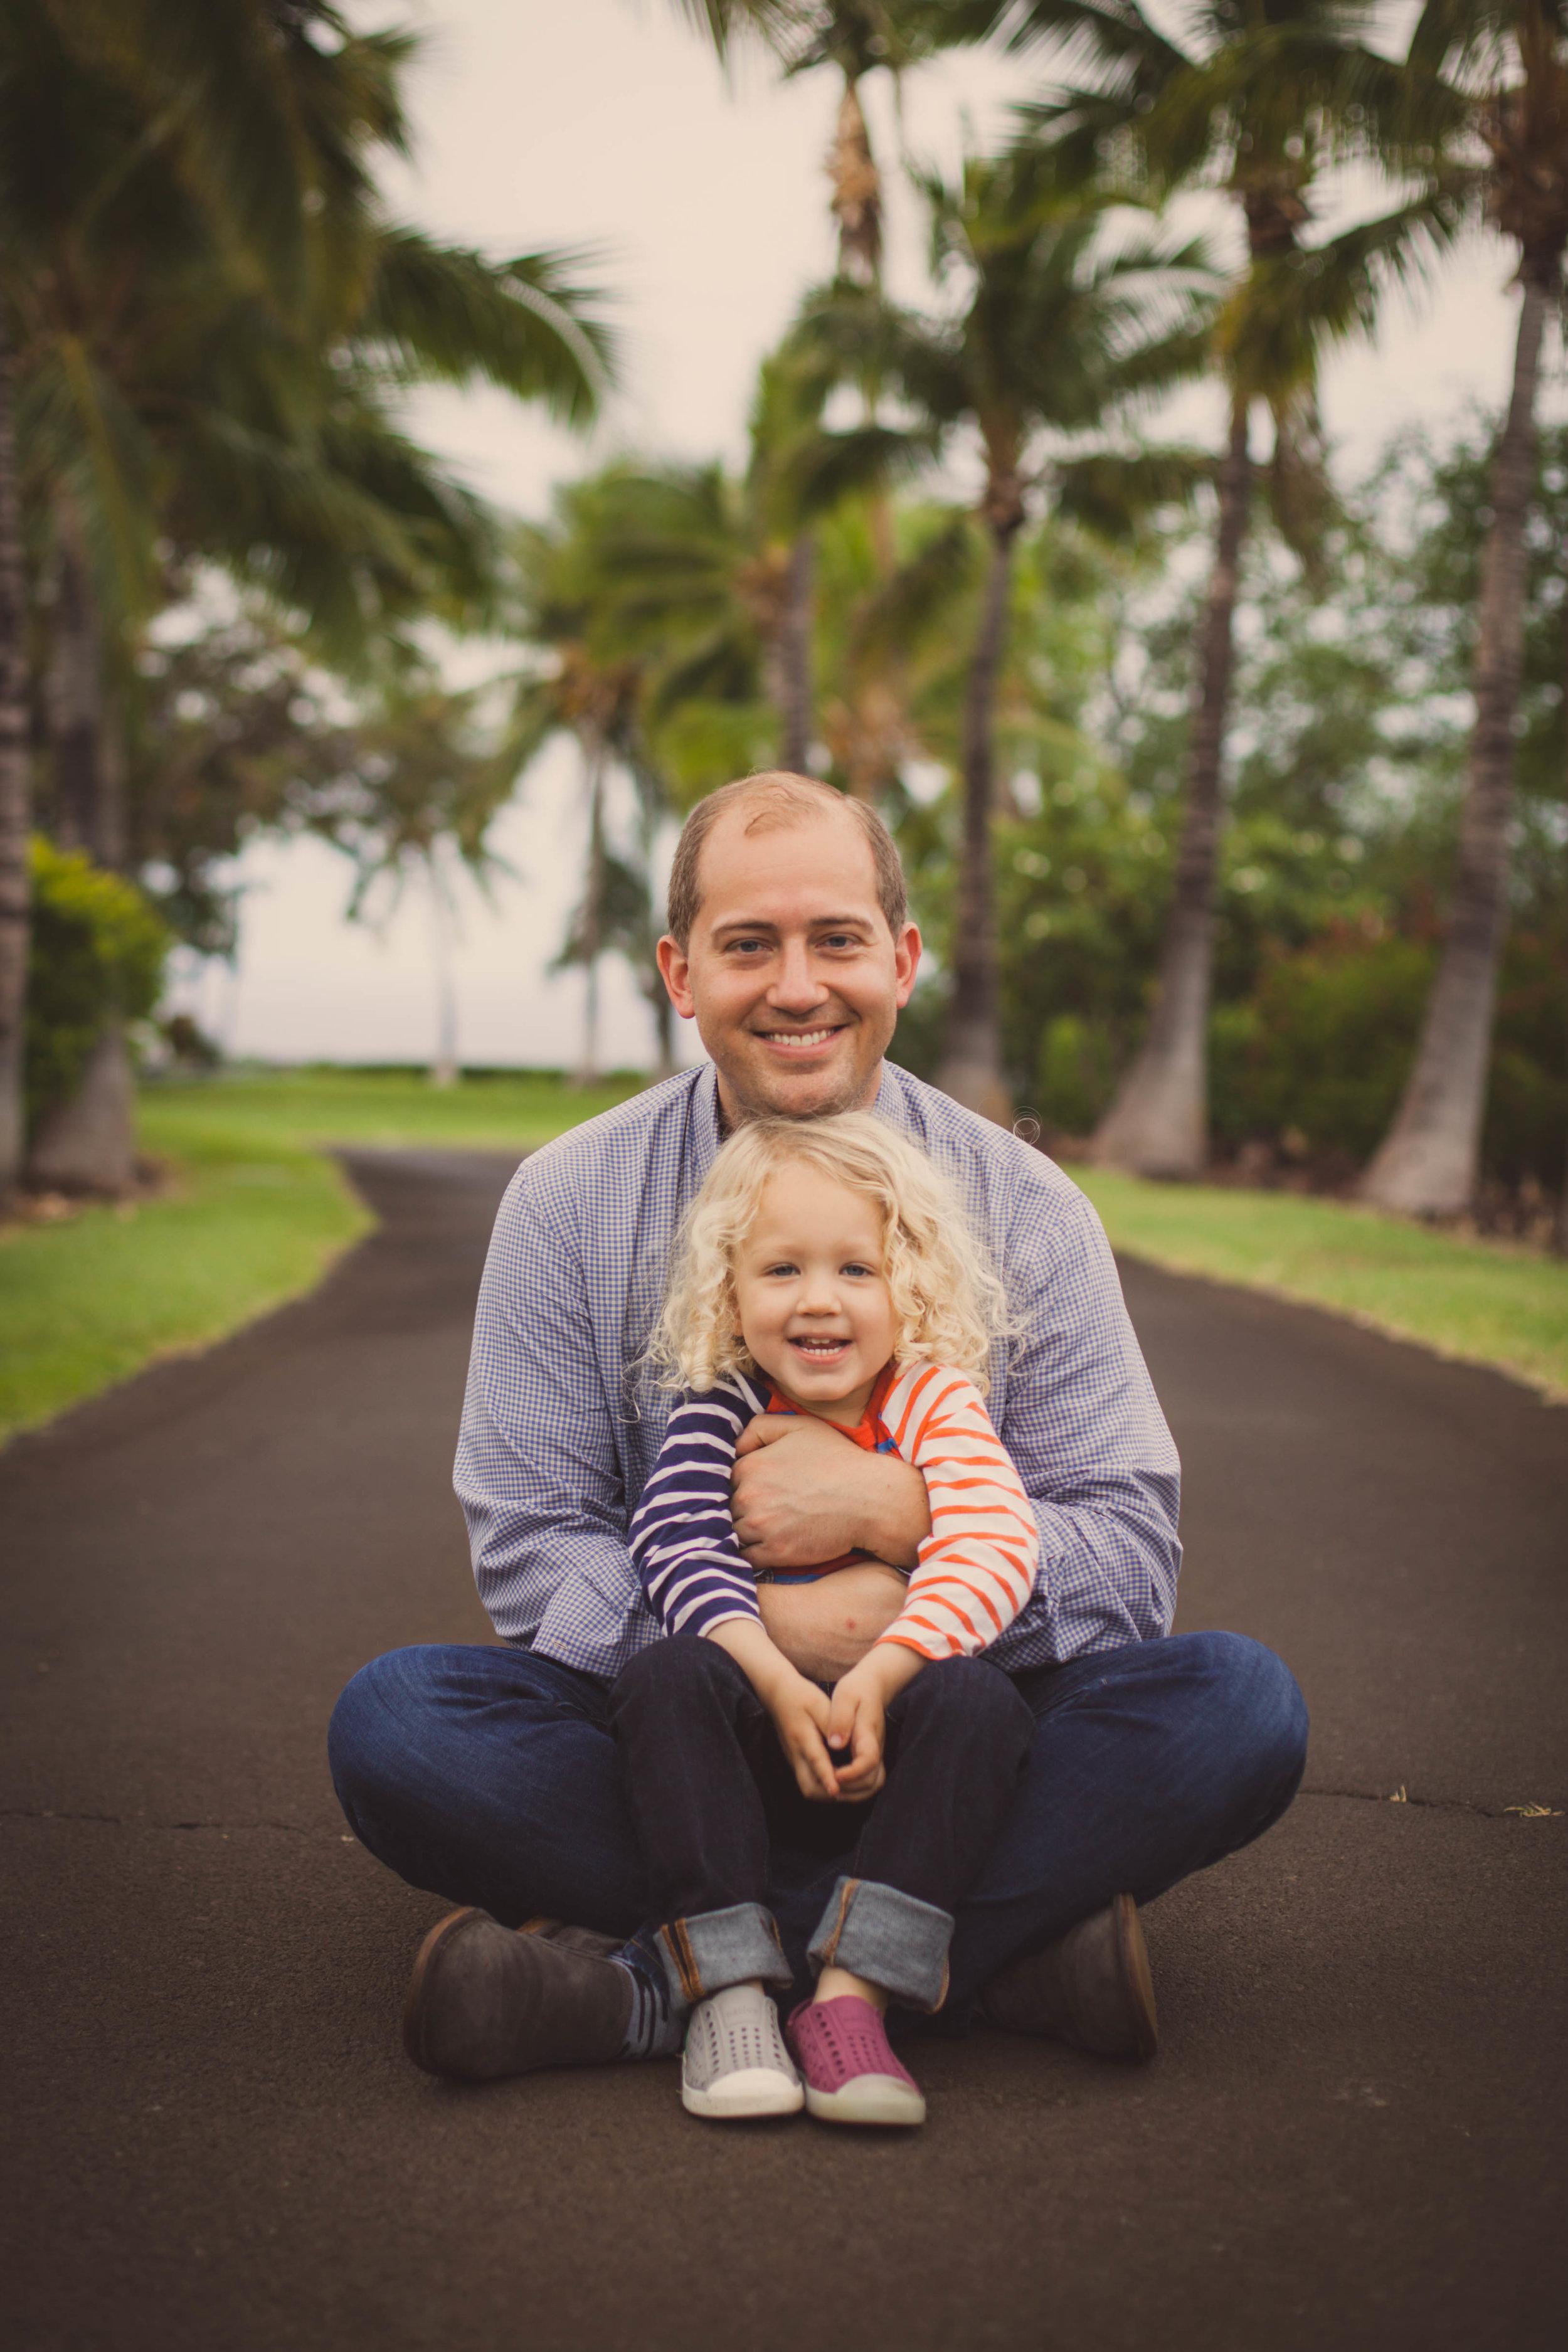 big island hawaii kohala ranch family © kelilina photography 20171127081210-1.jpg